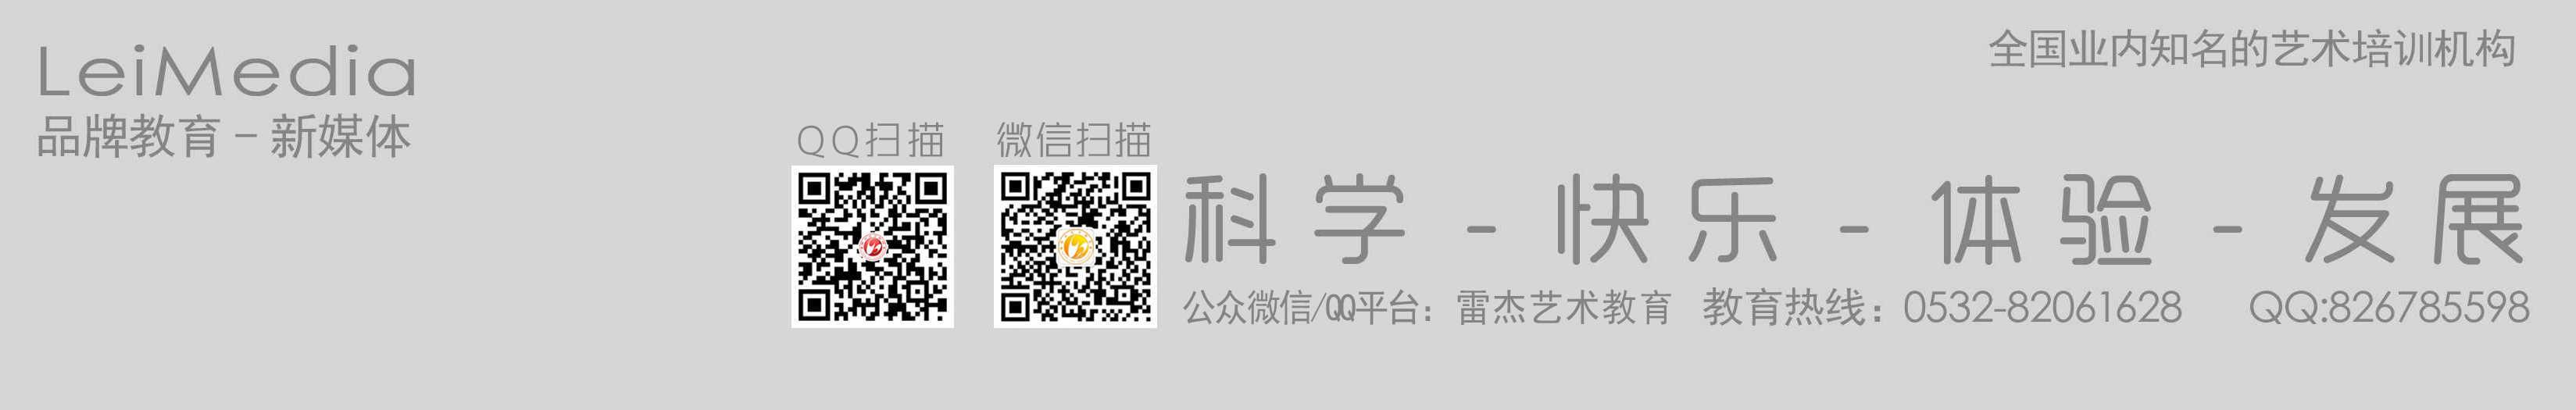 用户_554074 banner